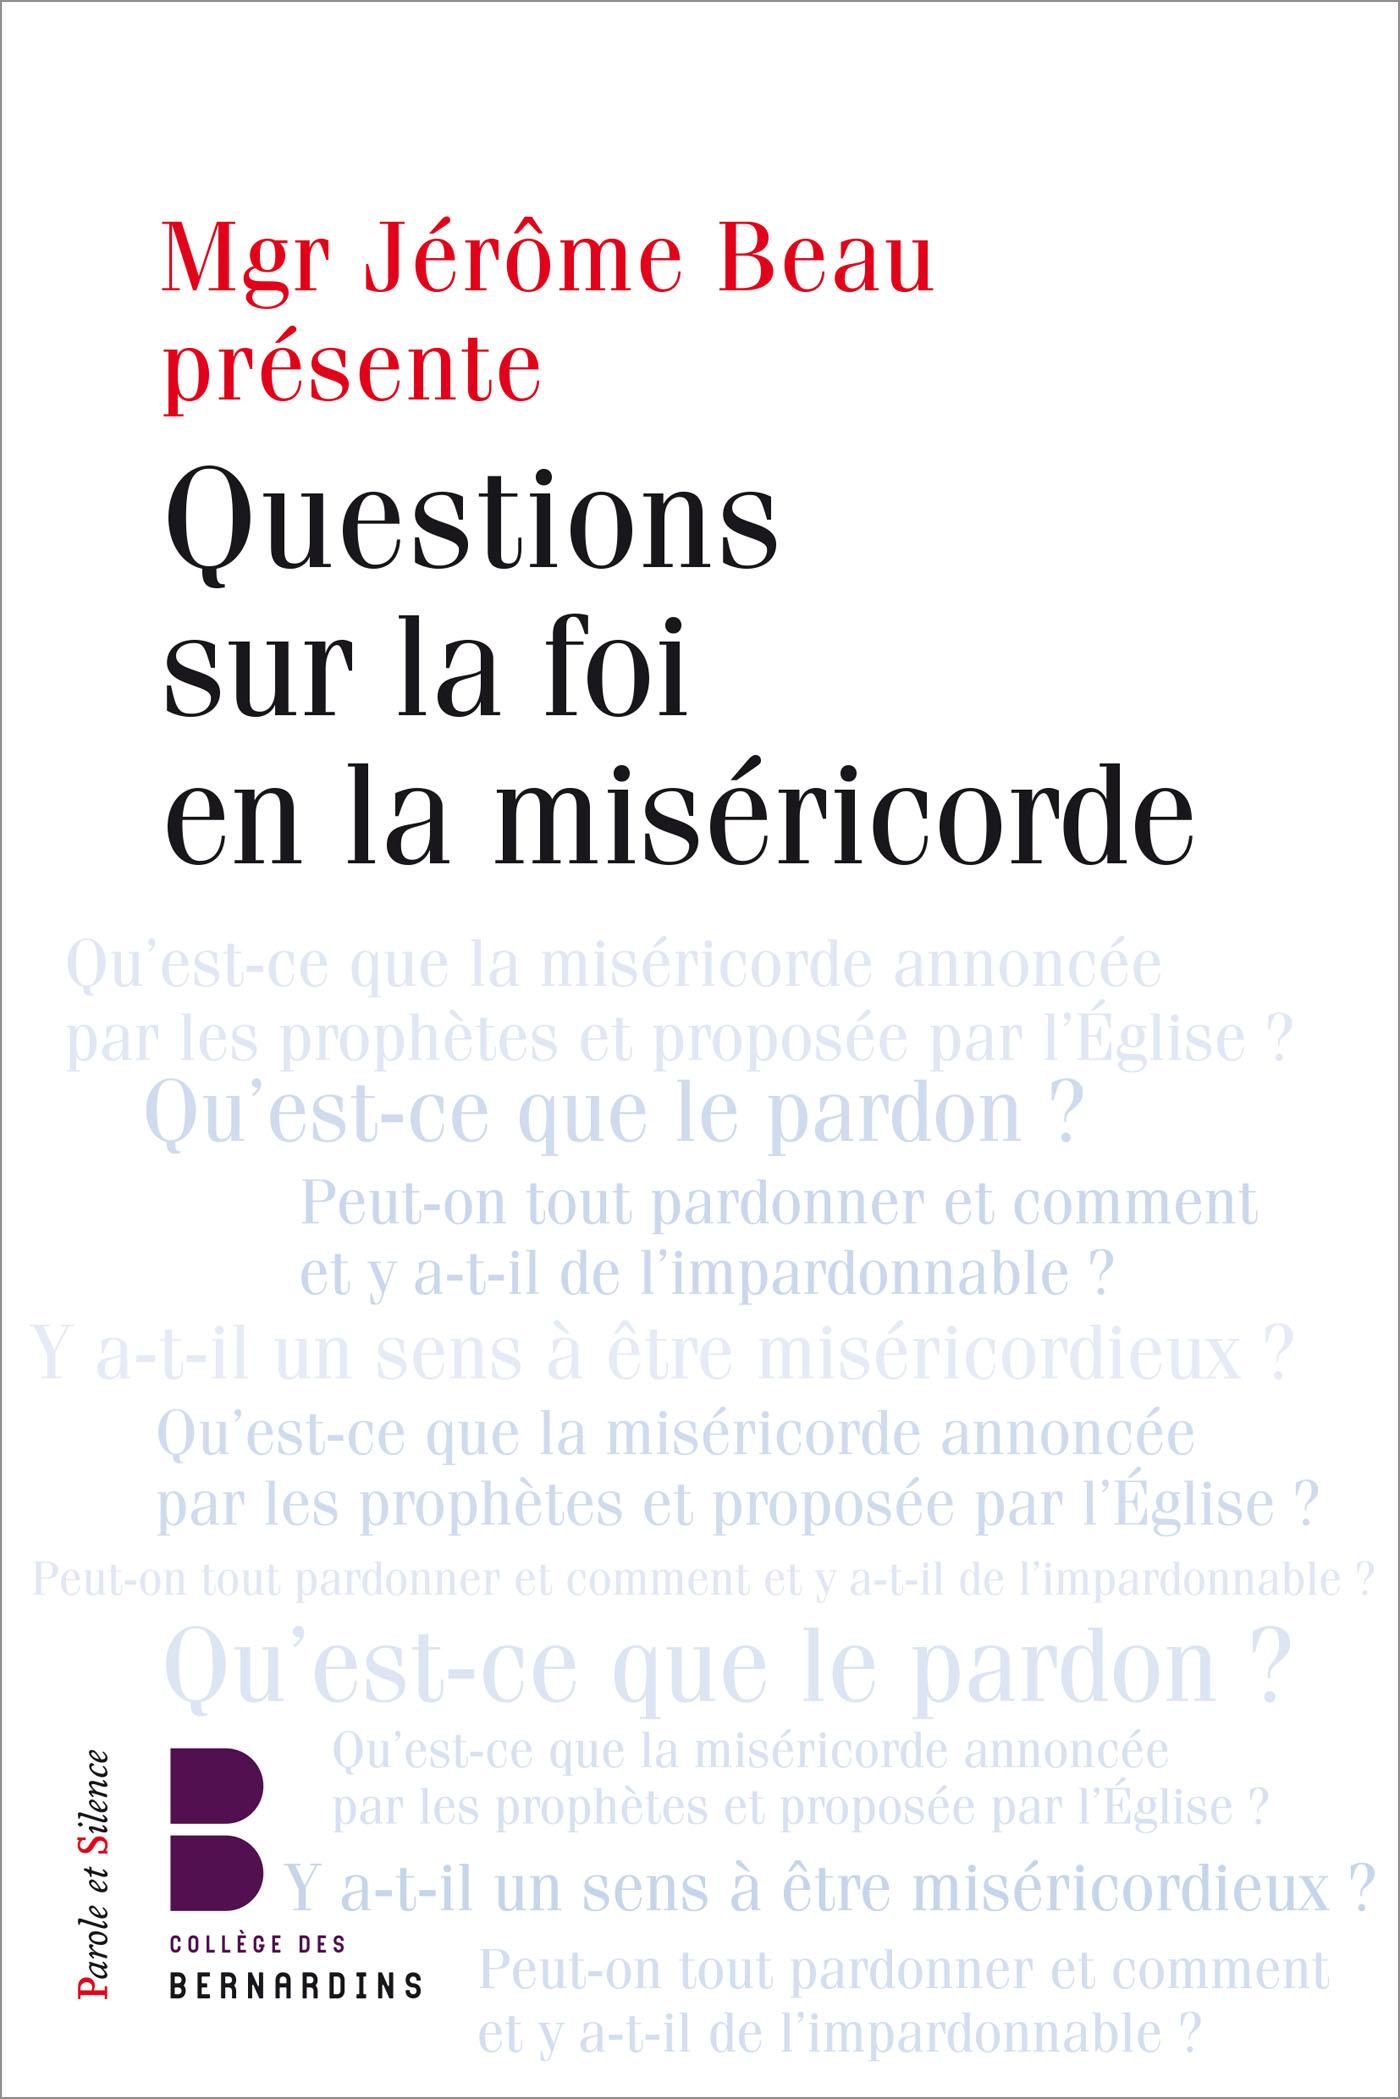 Questions sur la foi en la miséricorde